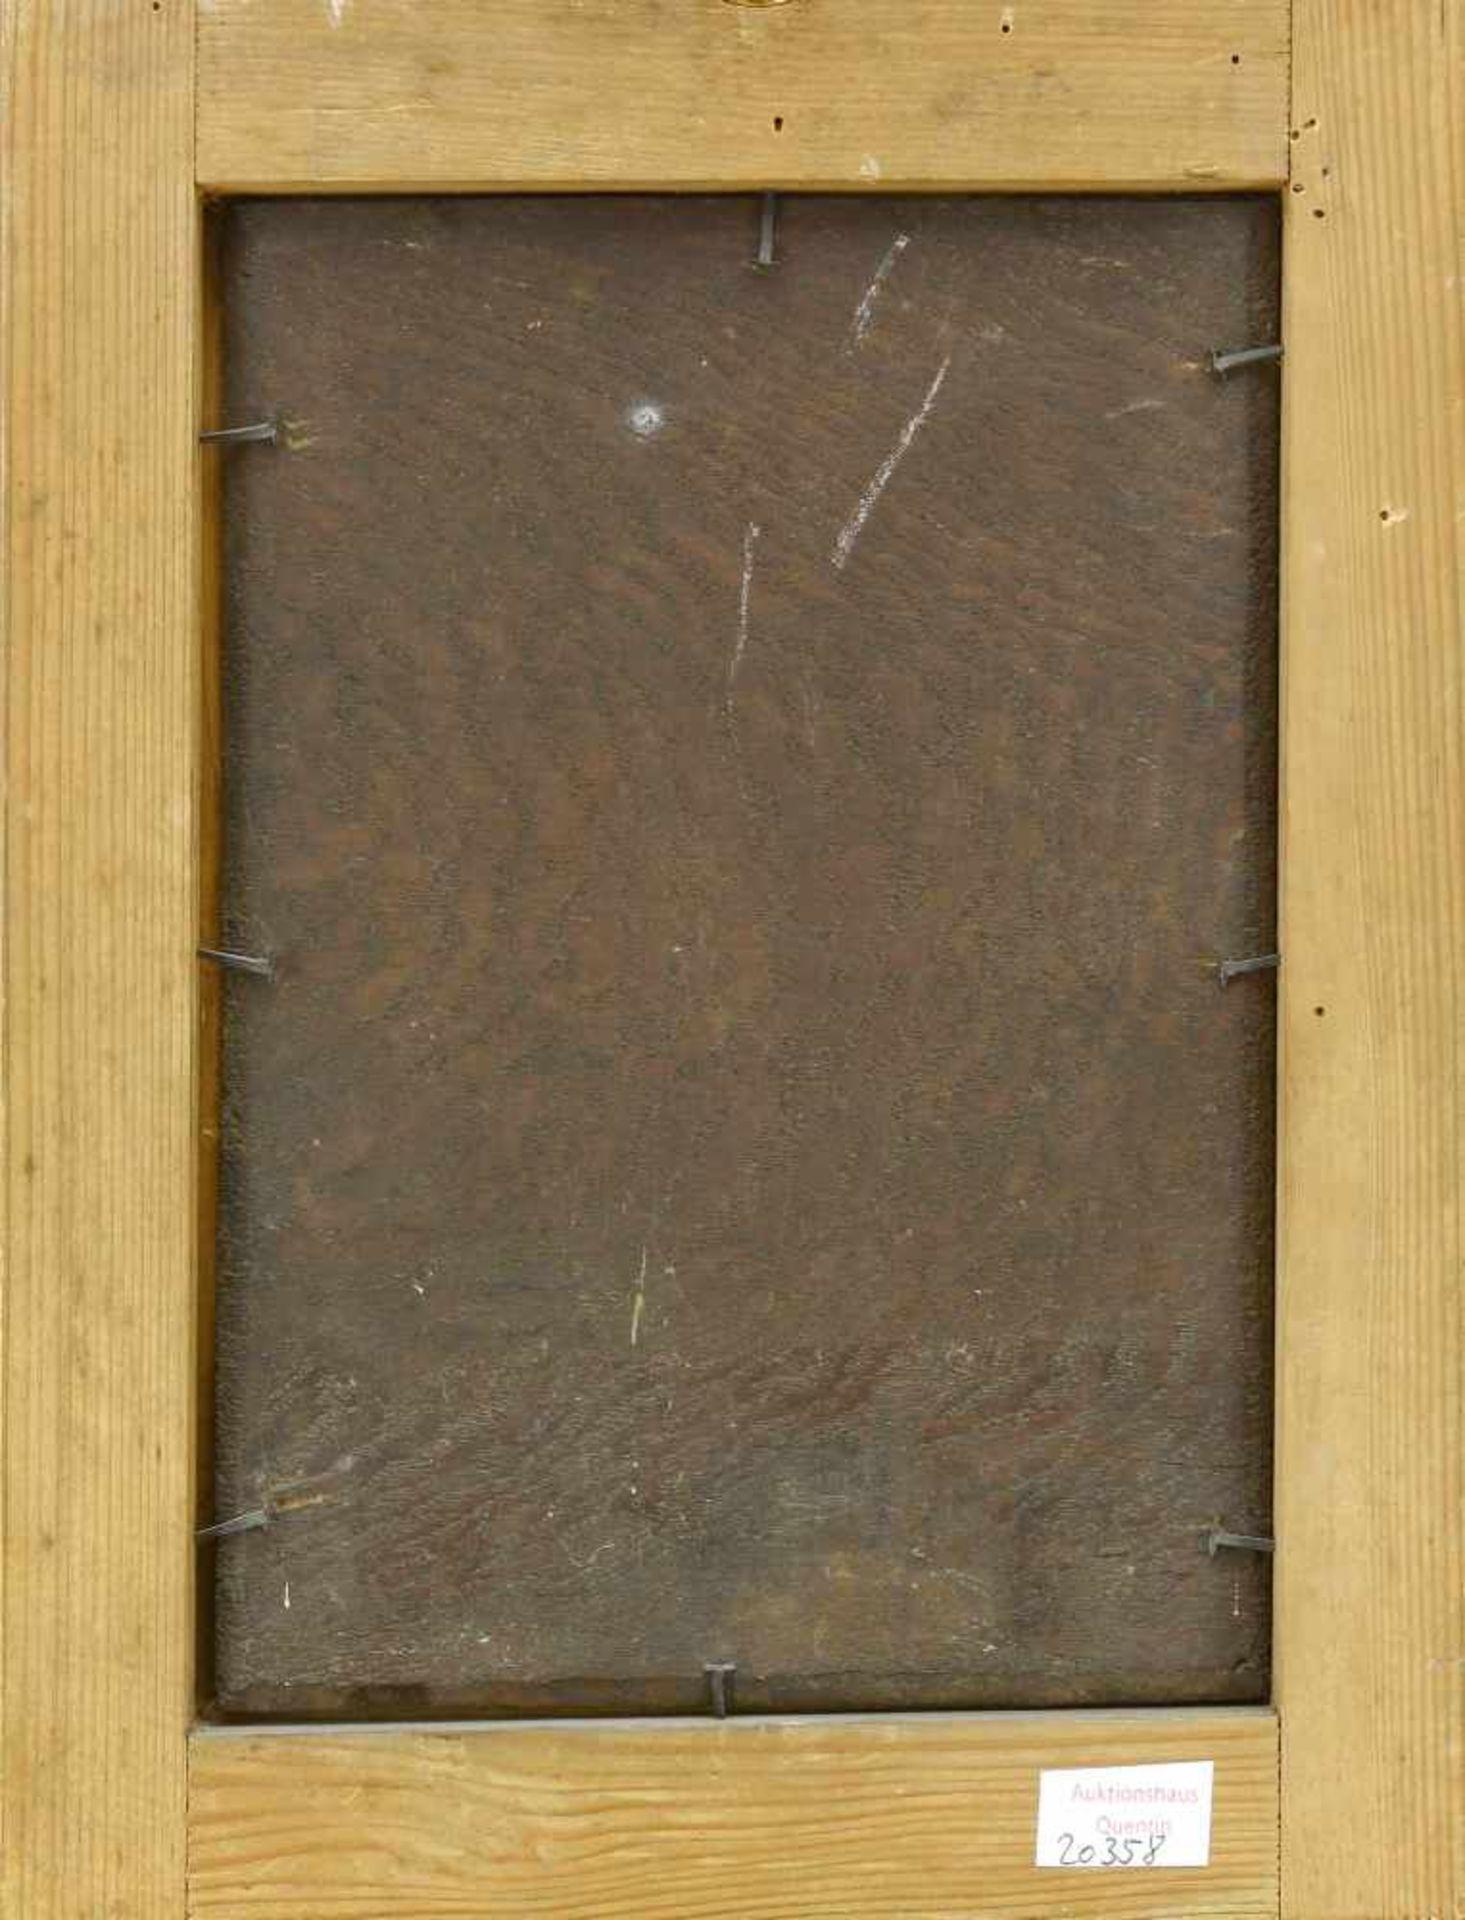 Maler, 18. Jh., wohl SpanienMadonna, den Blick nach unten gerichtet. Öl auf Holz. 27,2 x 21,2 cm. - Bild 2 aus 2